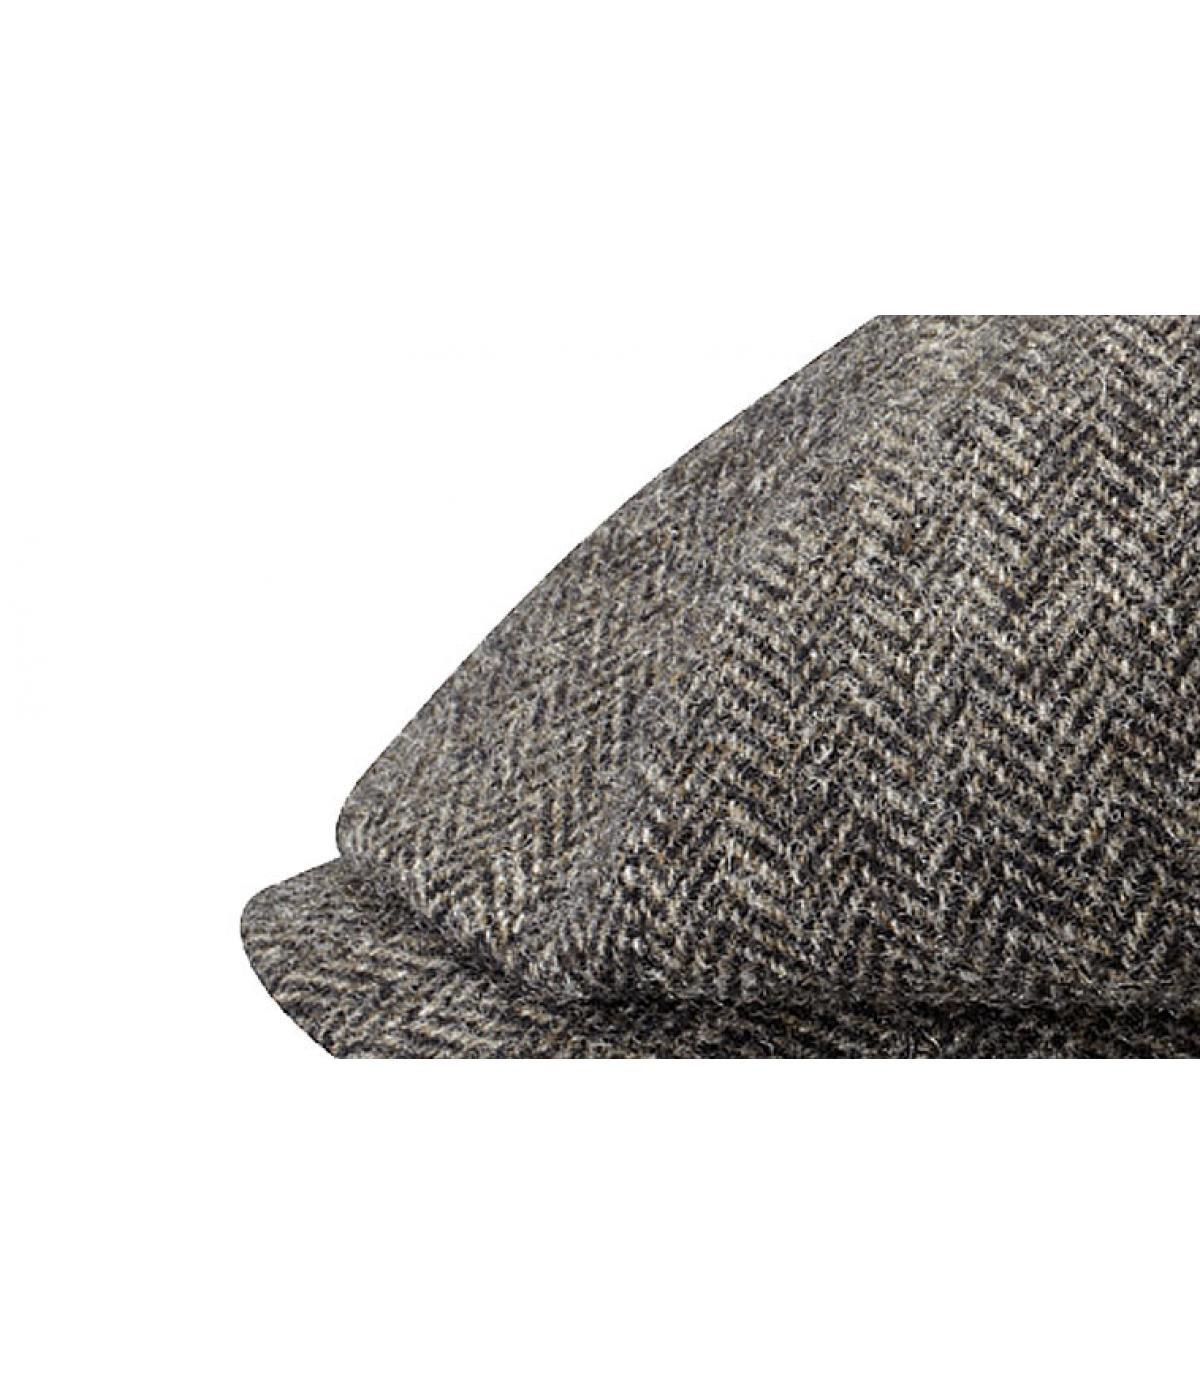 Hatteras woolrich stetson - Hatteras woolrich grigio scuro da ... 90d6fc055153